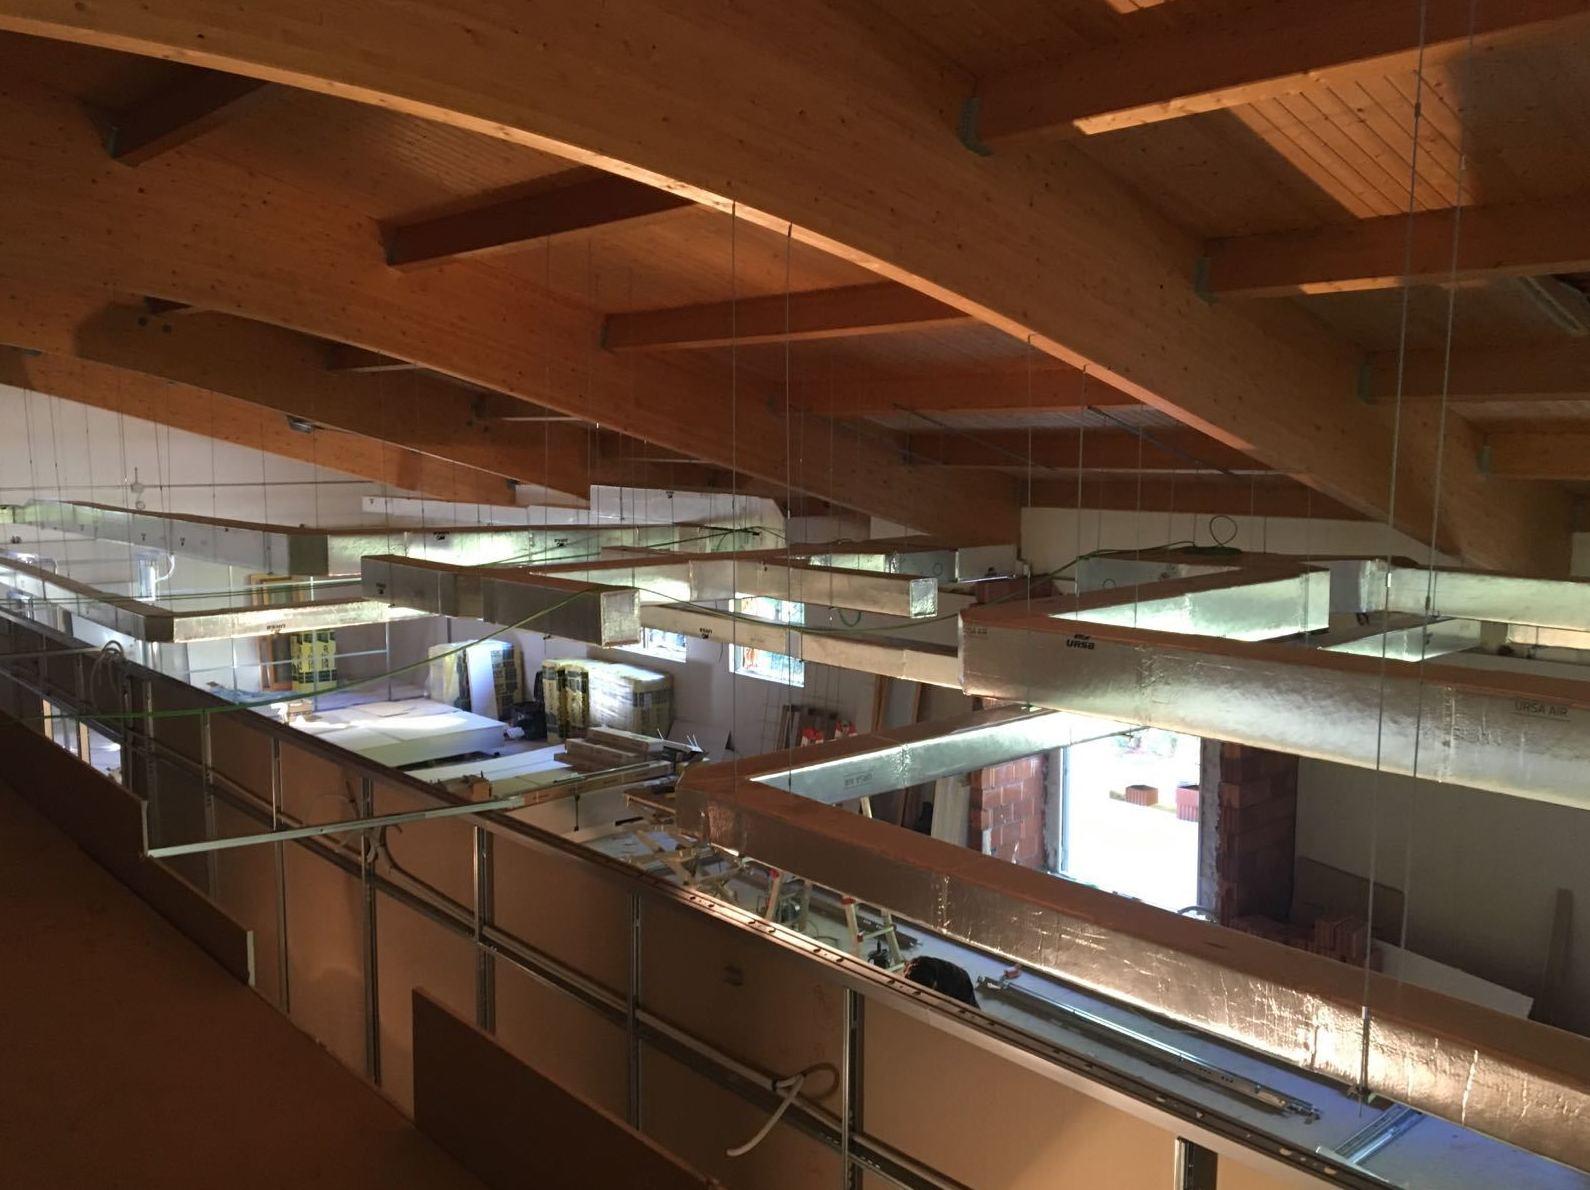 Foto 1 de Instalación de aire acondicionado en Valladolid | Isama Conductos